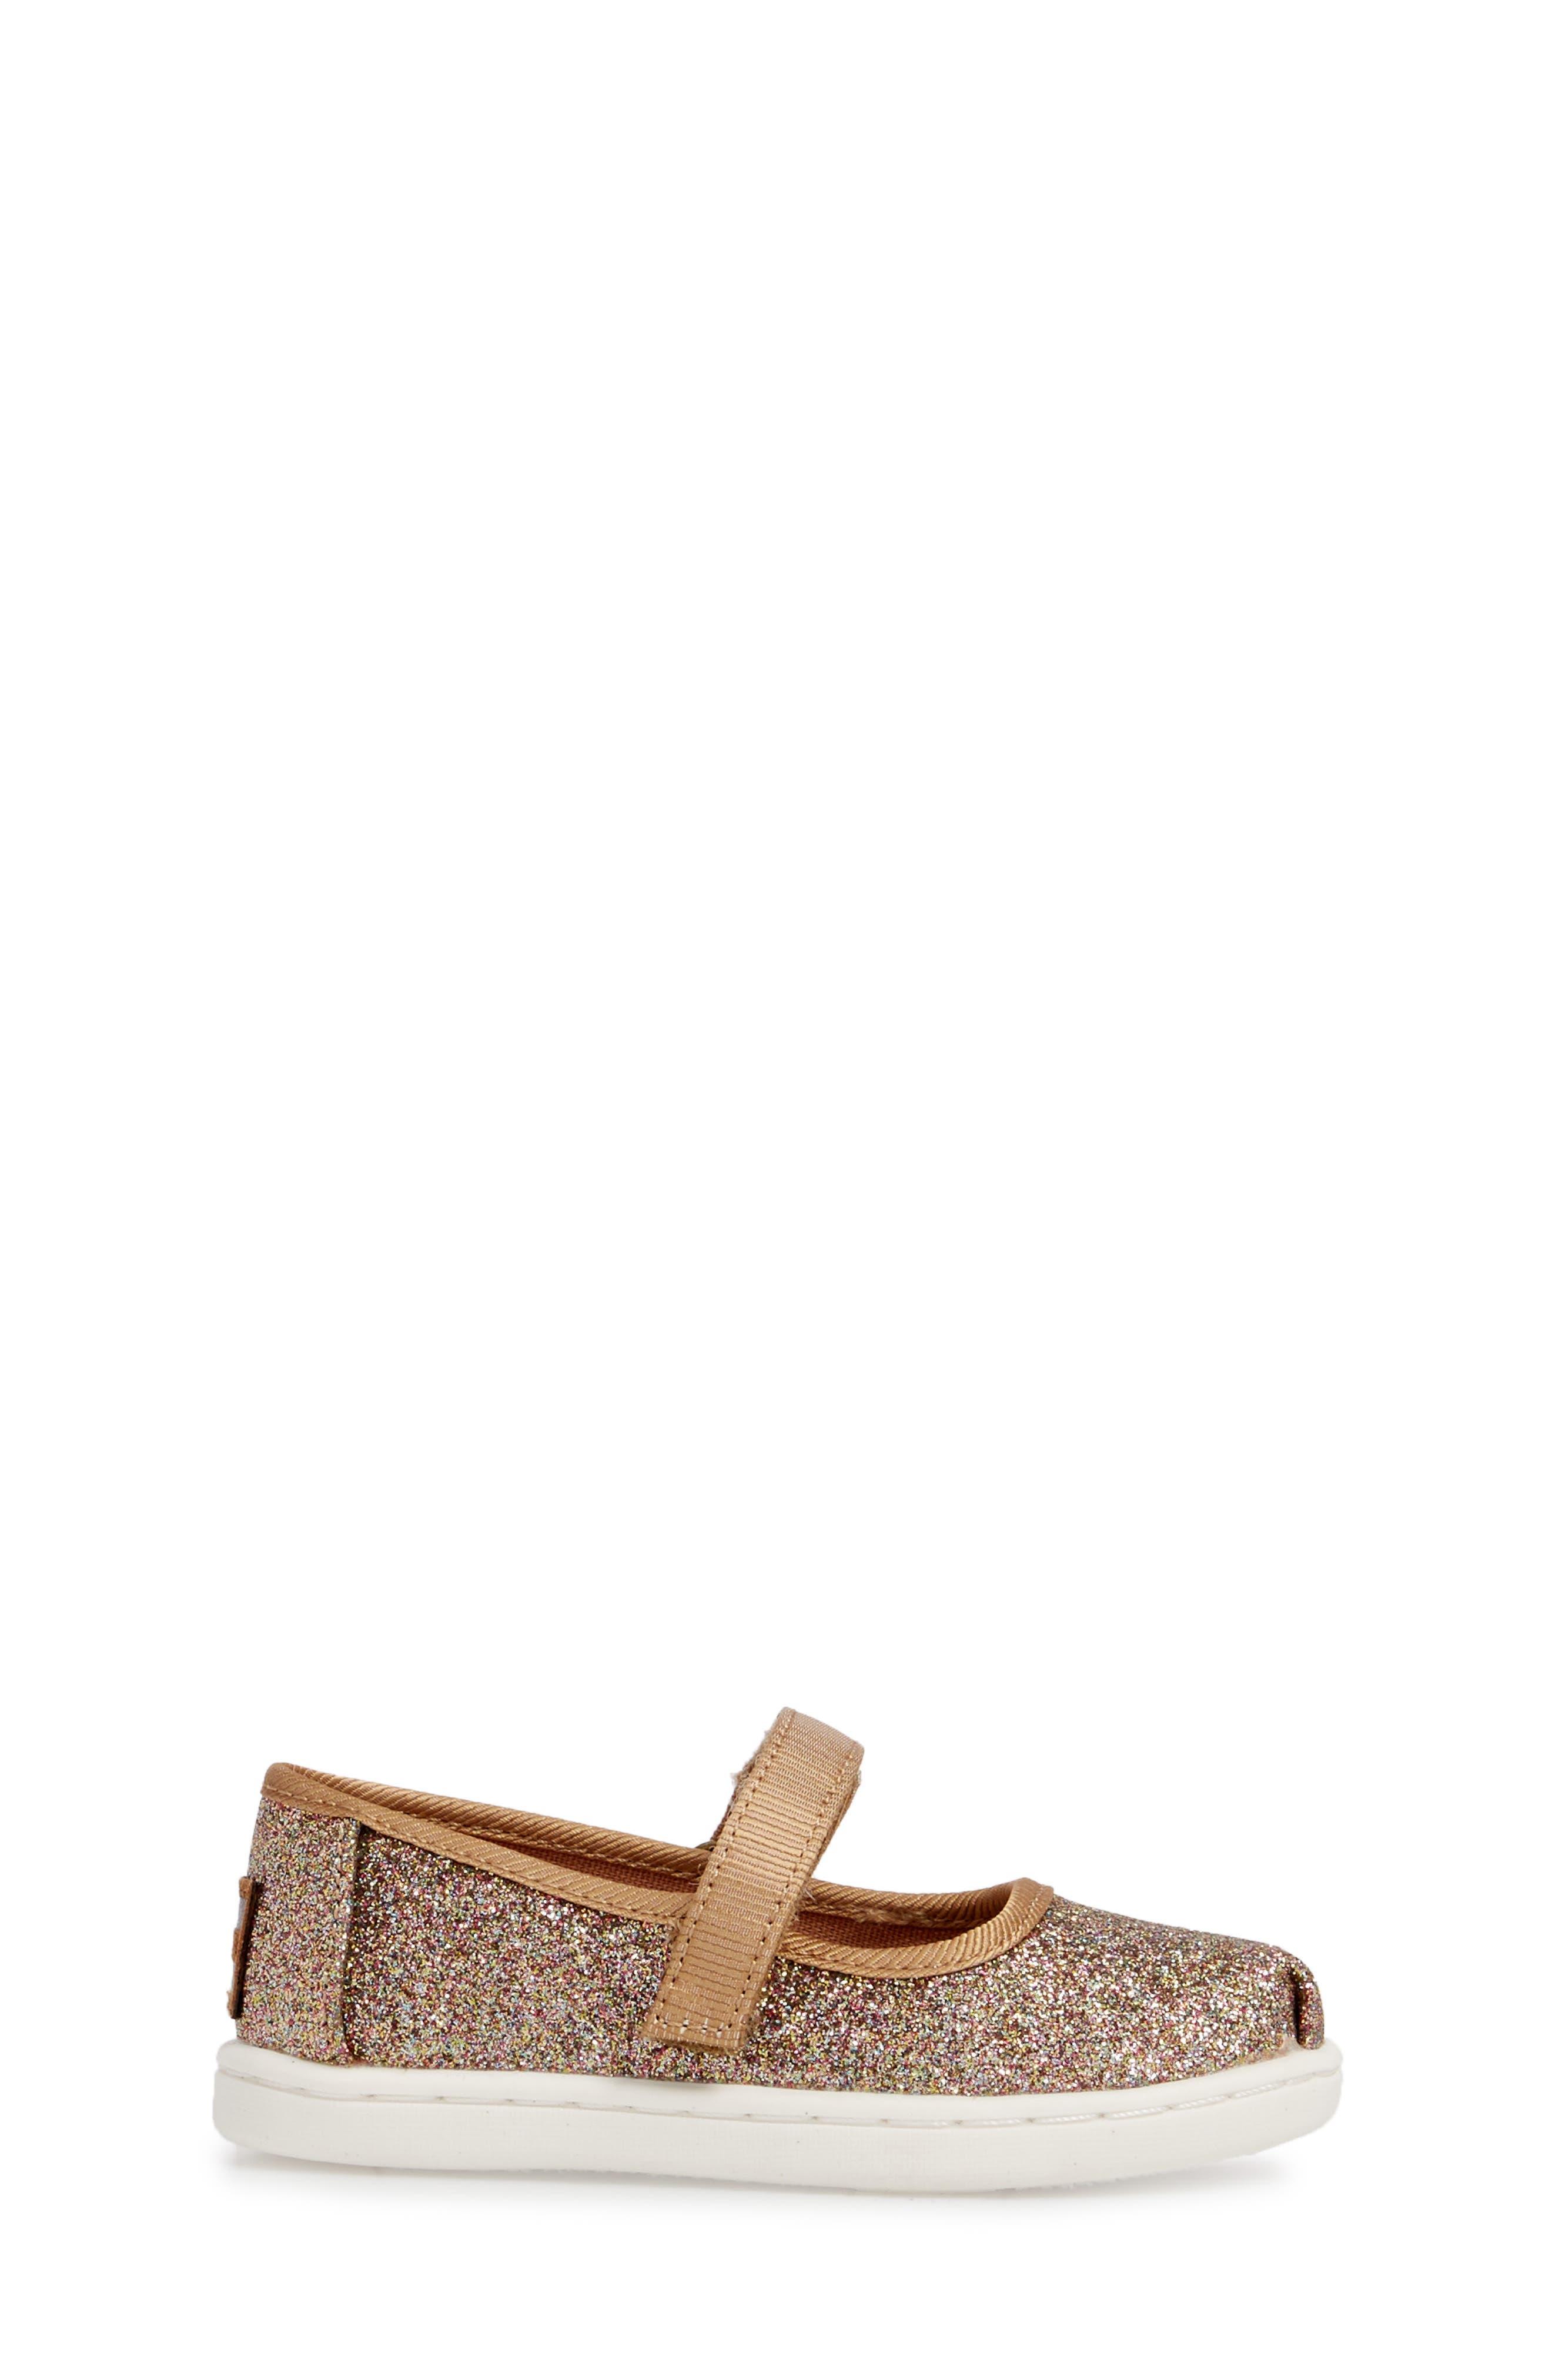 Mary Jane Sneaker,                             Alternate thumbnail 9, color,